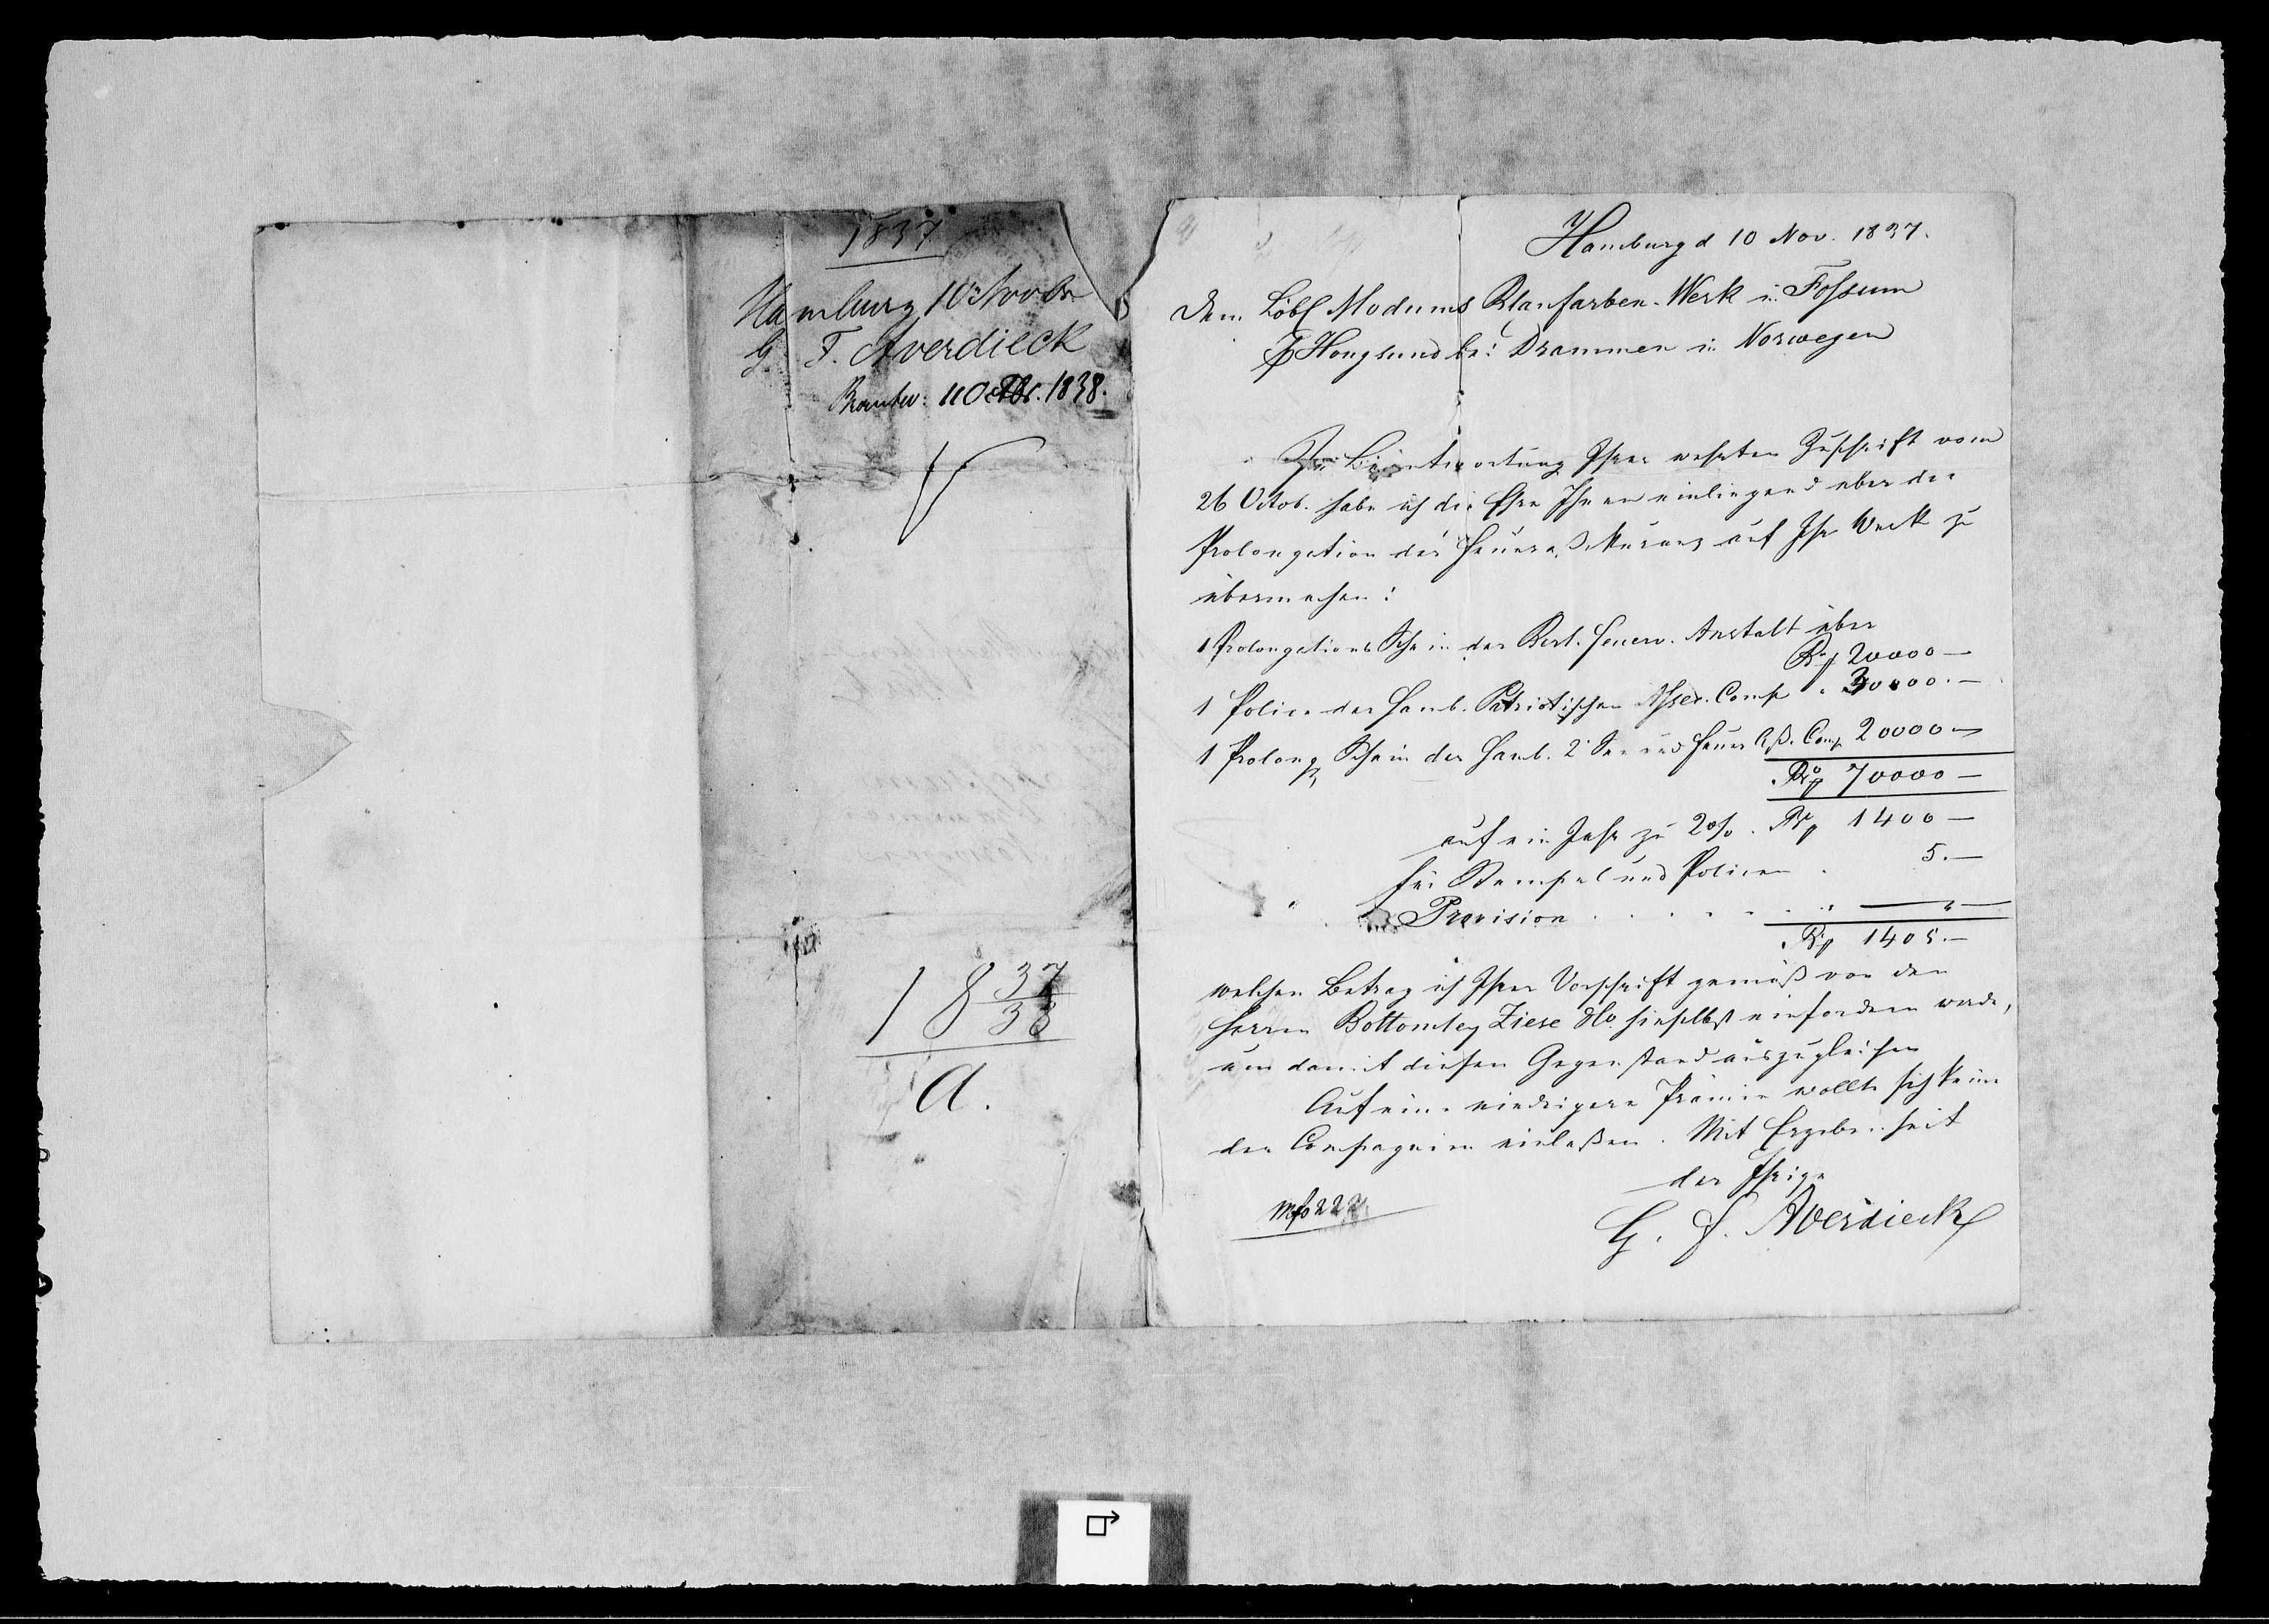 RA, Modums Blaafarveværk, G/Gb/L0119, 1837-1838, s. 2